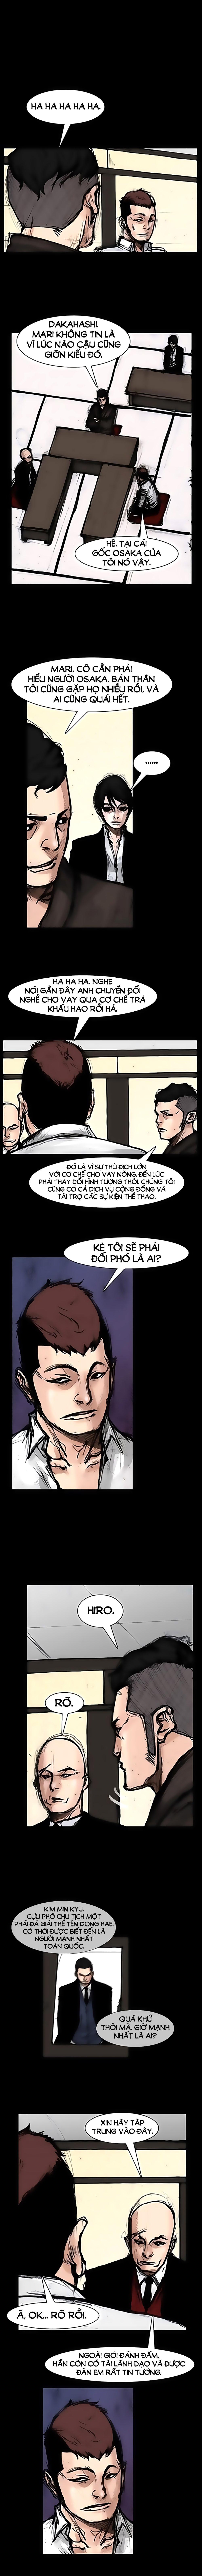 Máu Nhuốm Giang Hồ | Blood Rain chap 54 - Trang 5